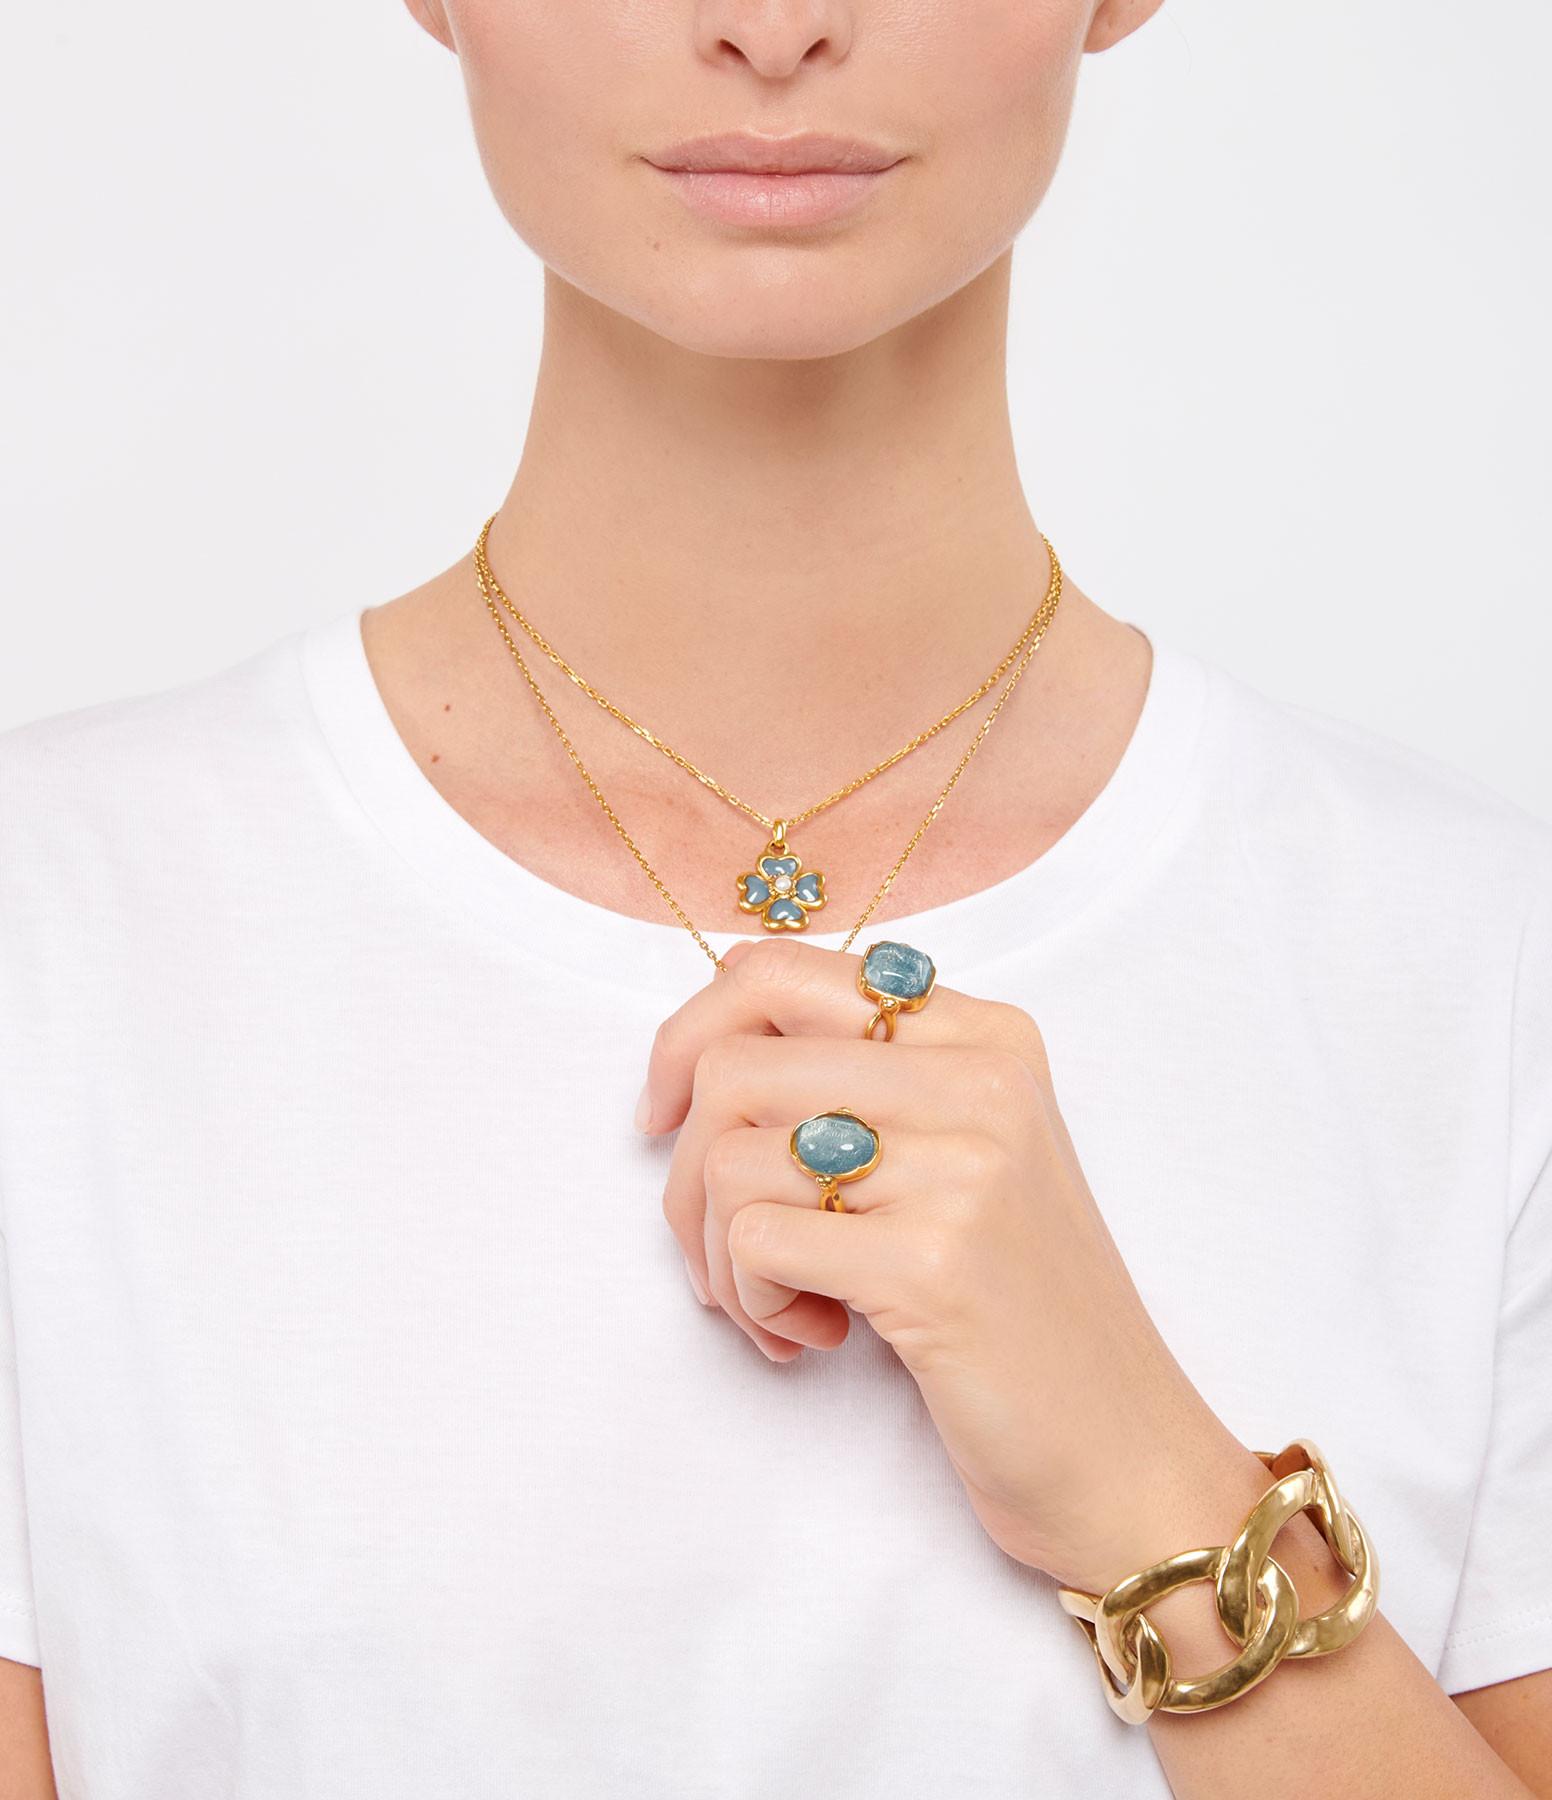 GOOSSENS - Bague Cabochon Ovale Cristal de Roche Bleu Denim Plaqué Or